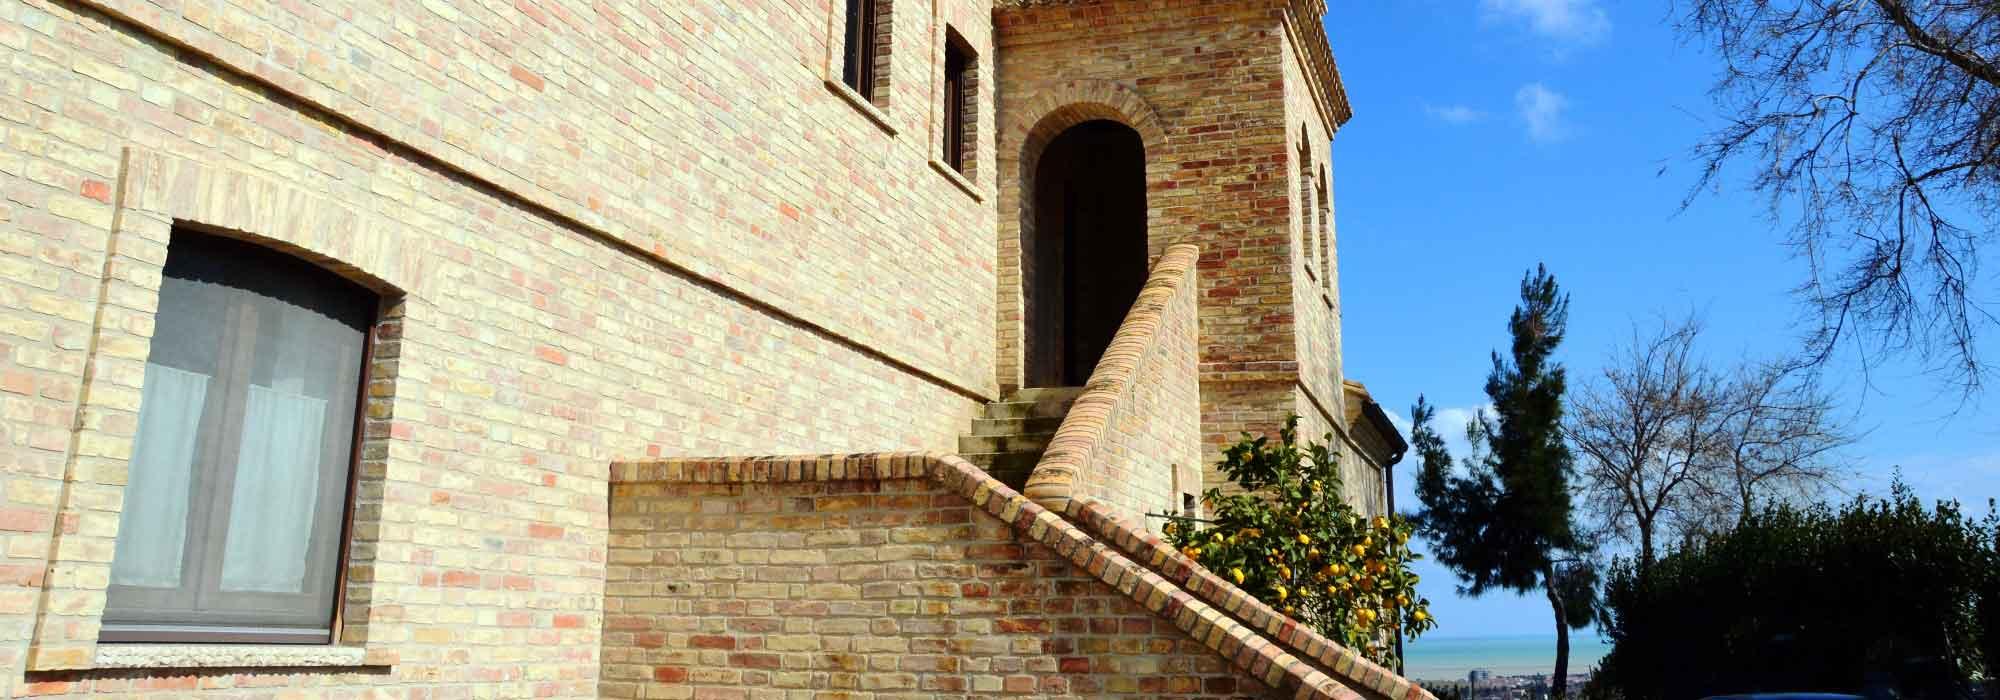 Casolare in muratura parzialmente ristrutturato tra le colline di Pineto – R15